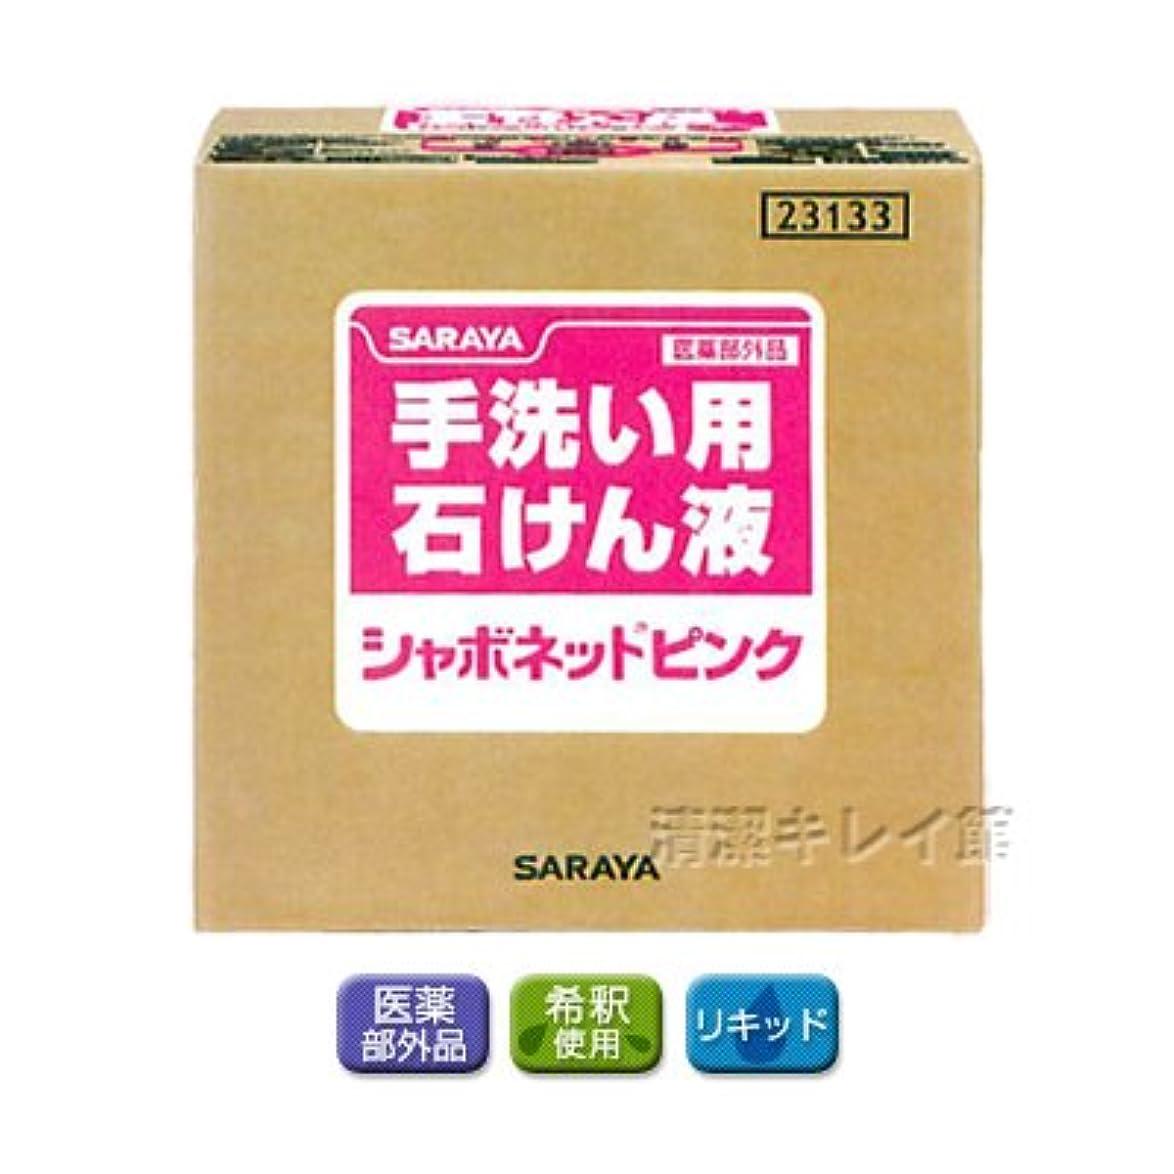 インターネット吐くミシン【清潔キレイ館】サラヤ シャボネットピンク(20kg)